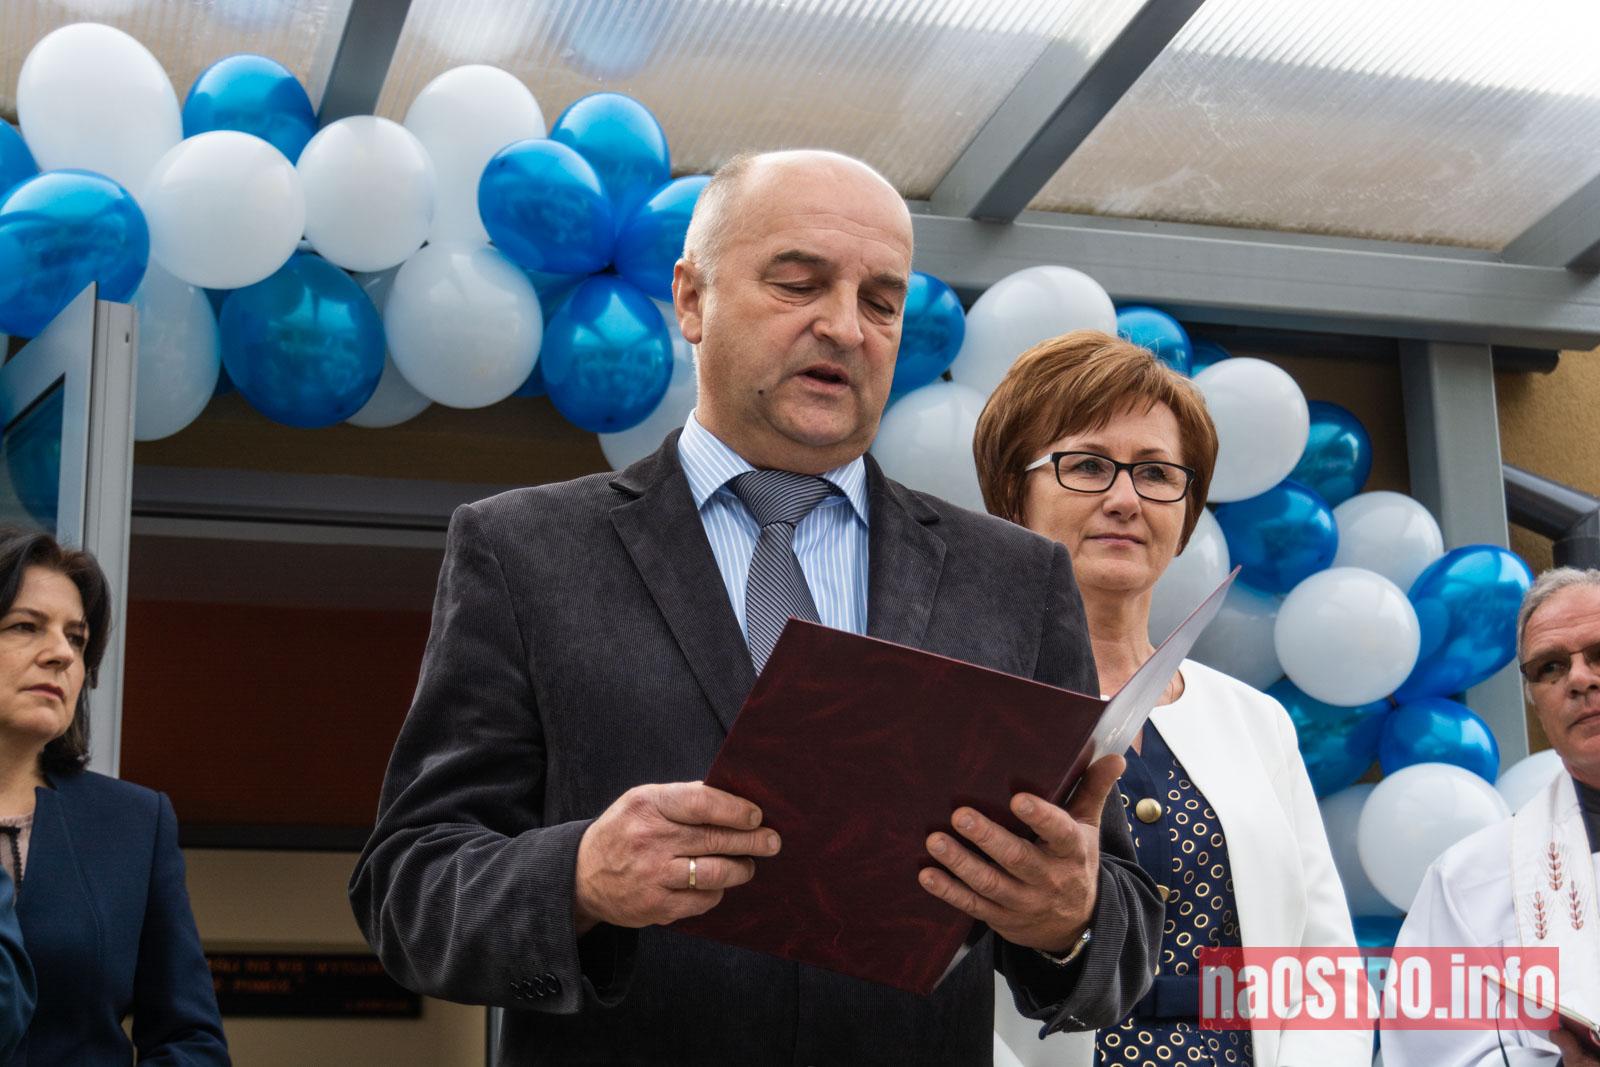 NaOSTRO Otwarcie Szkoły w Bałtowie-110